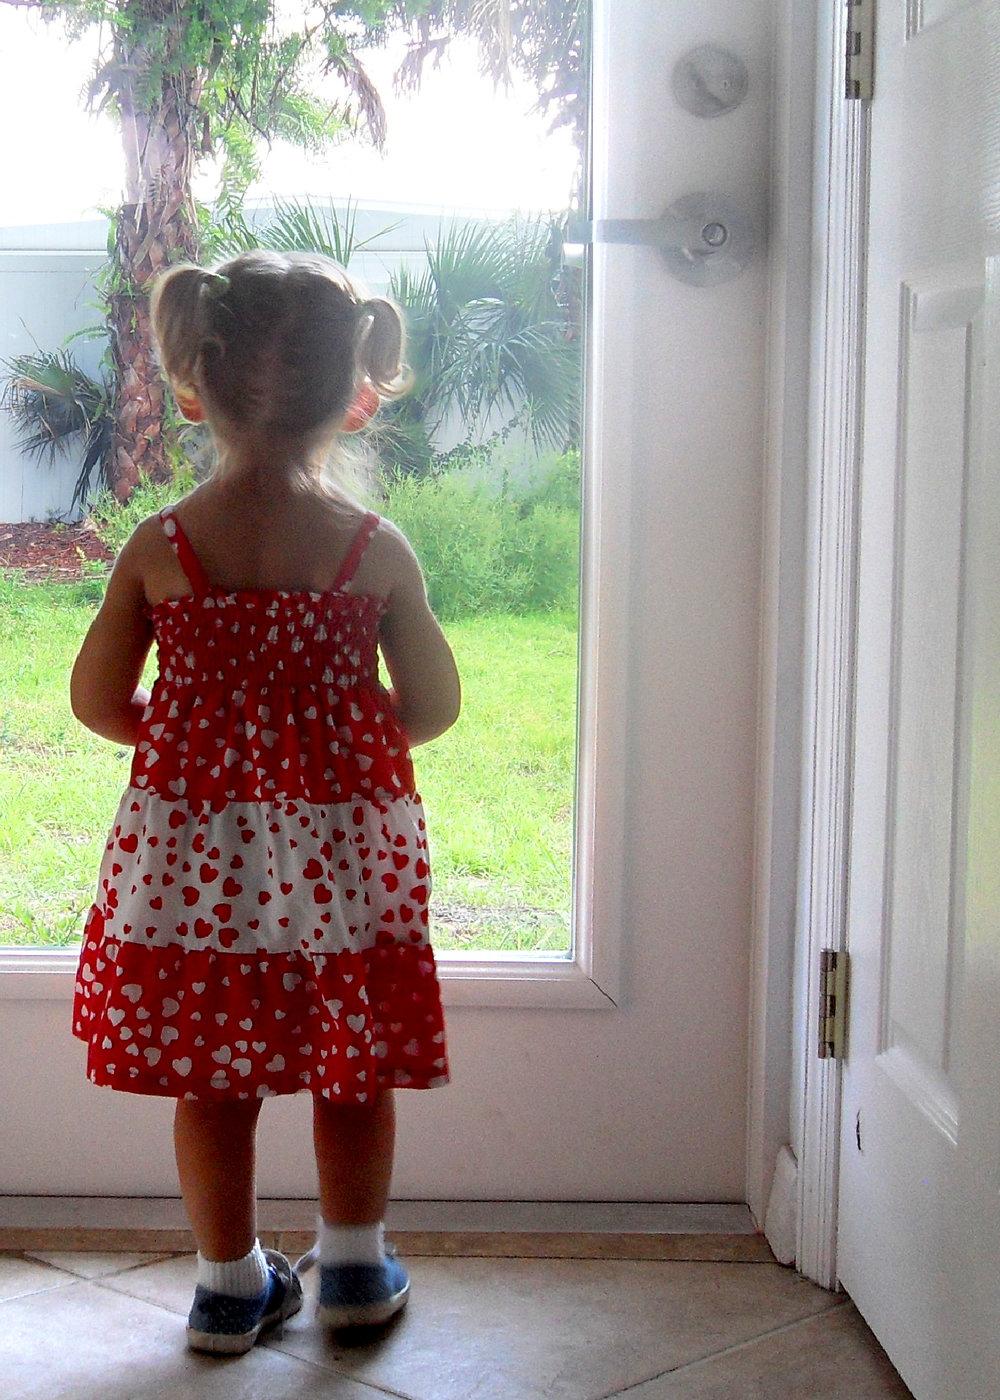 little-girl-looking-out-door.jpg